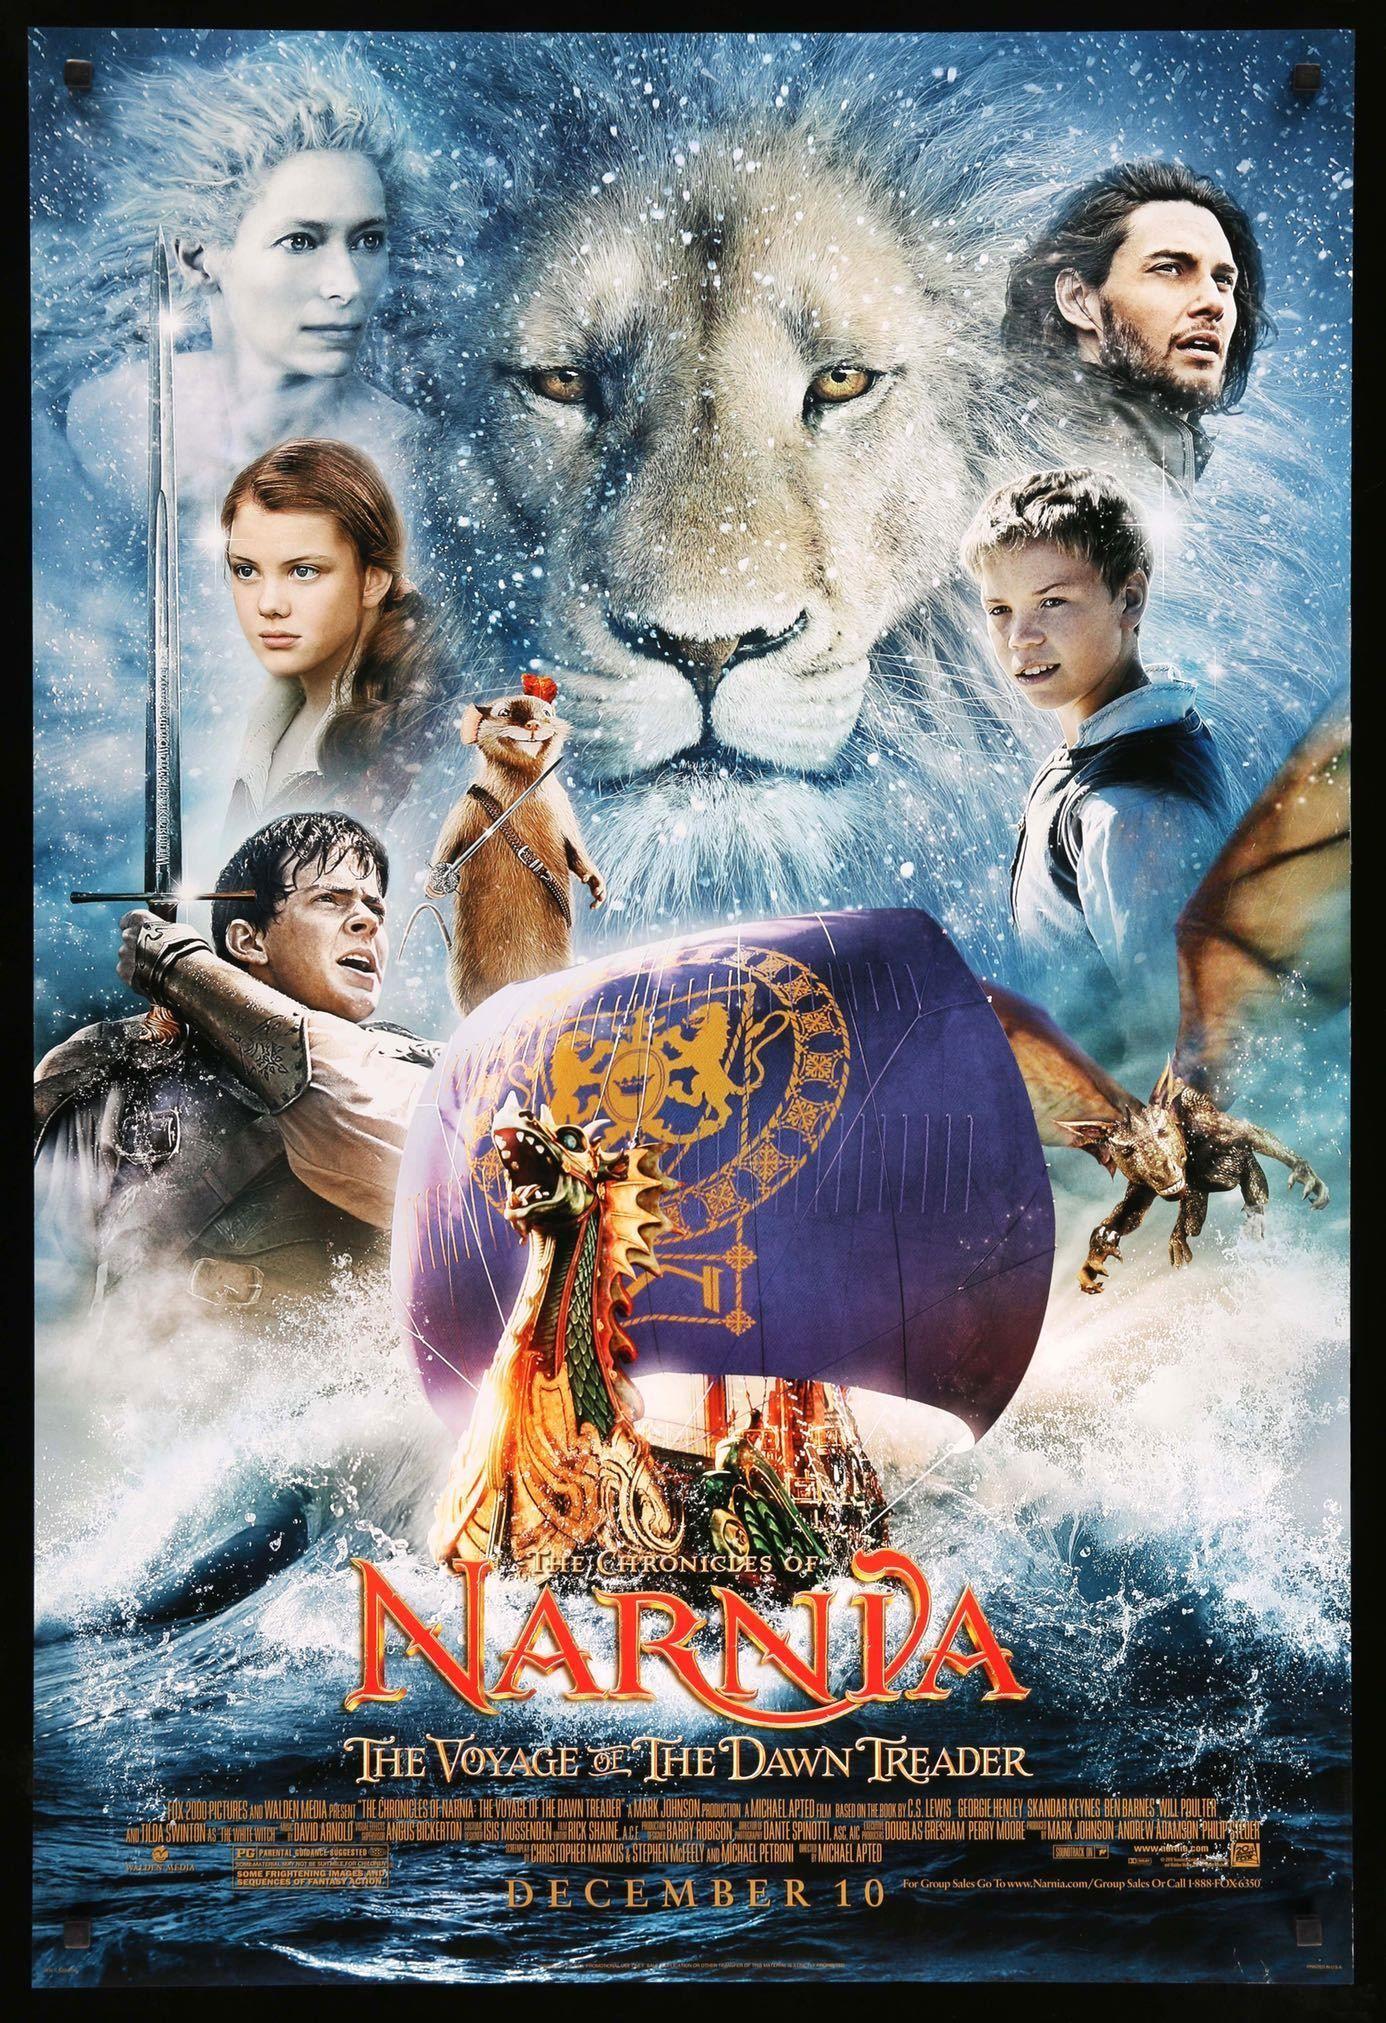 701294973210853247 Narnia Movies Narnia Fantasy Movies